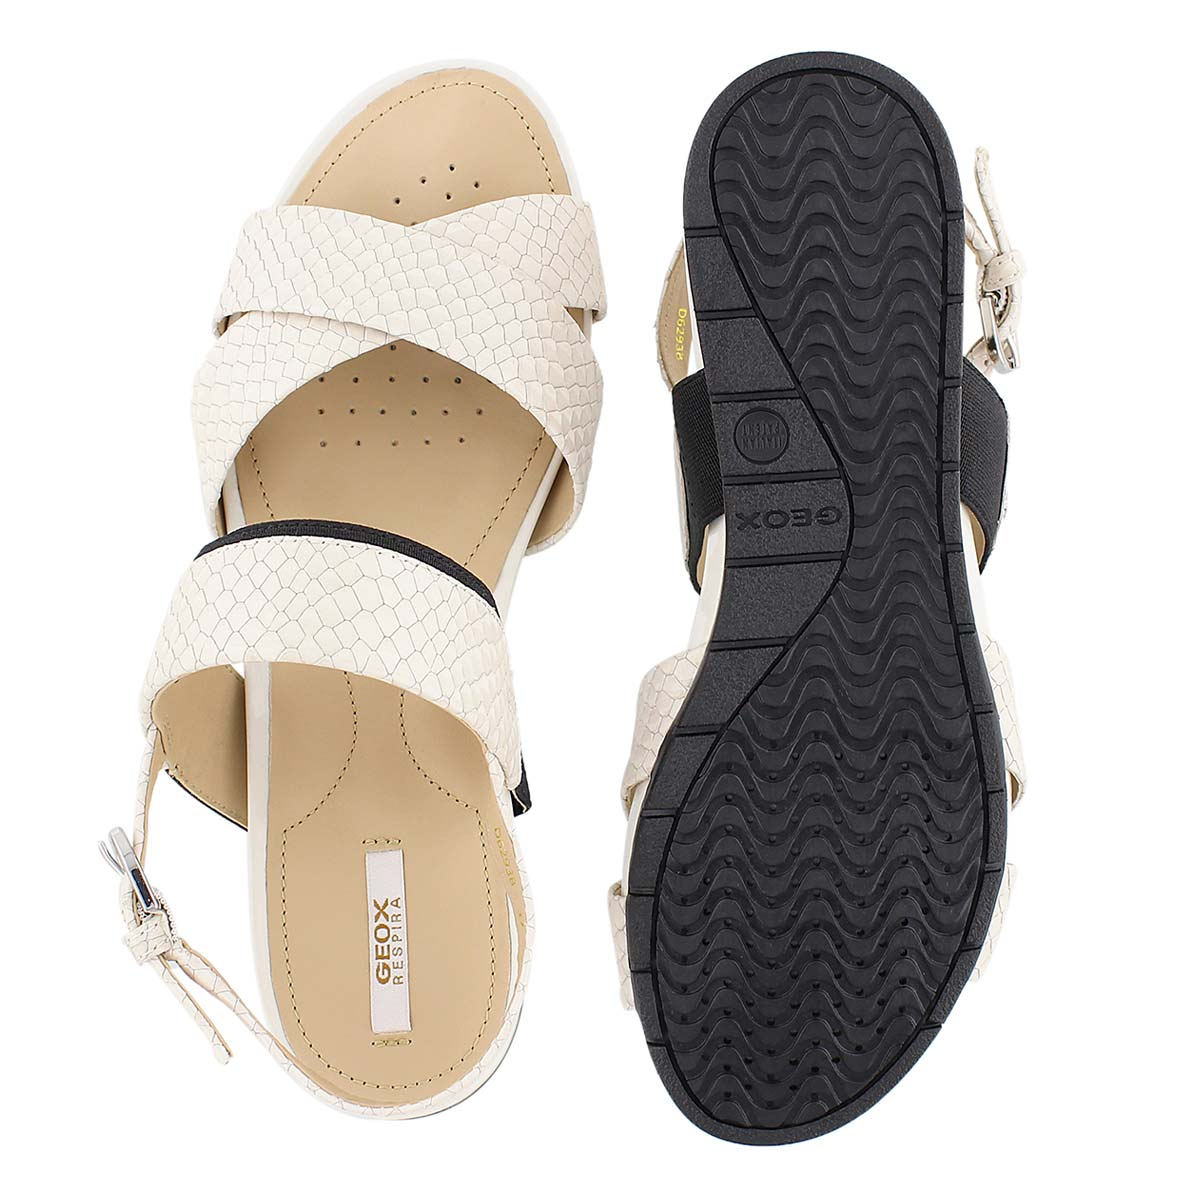 Sandale hab Formosa, blc cassé/noir, fem